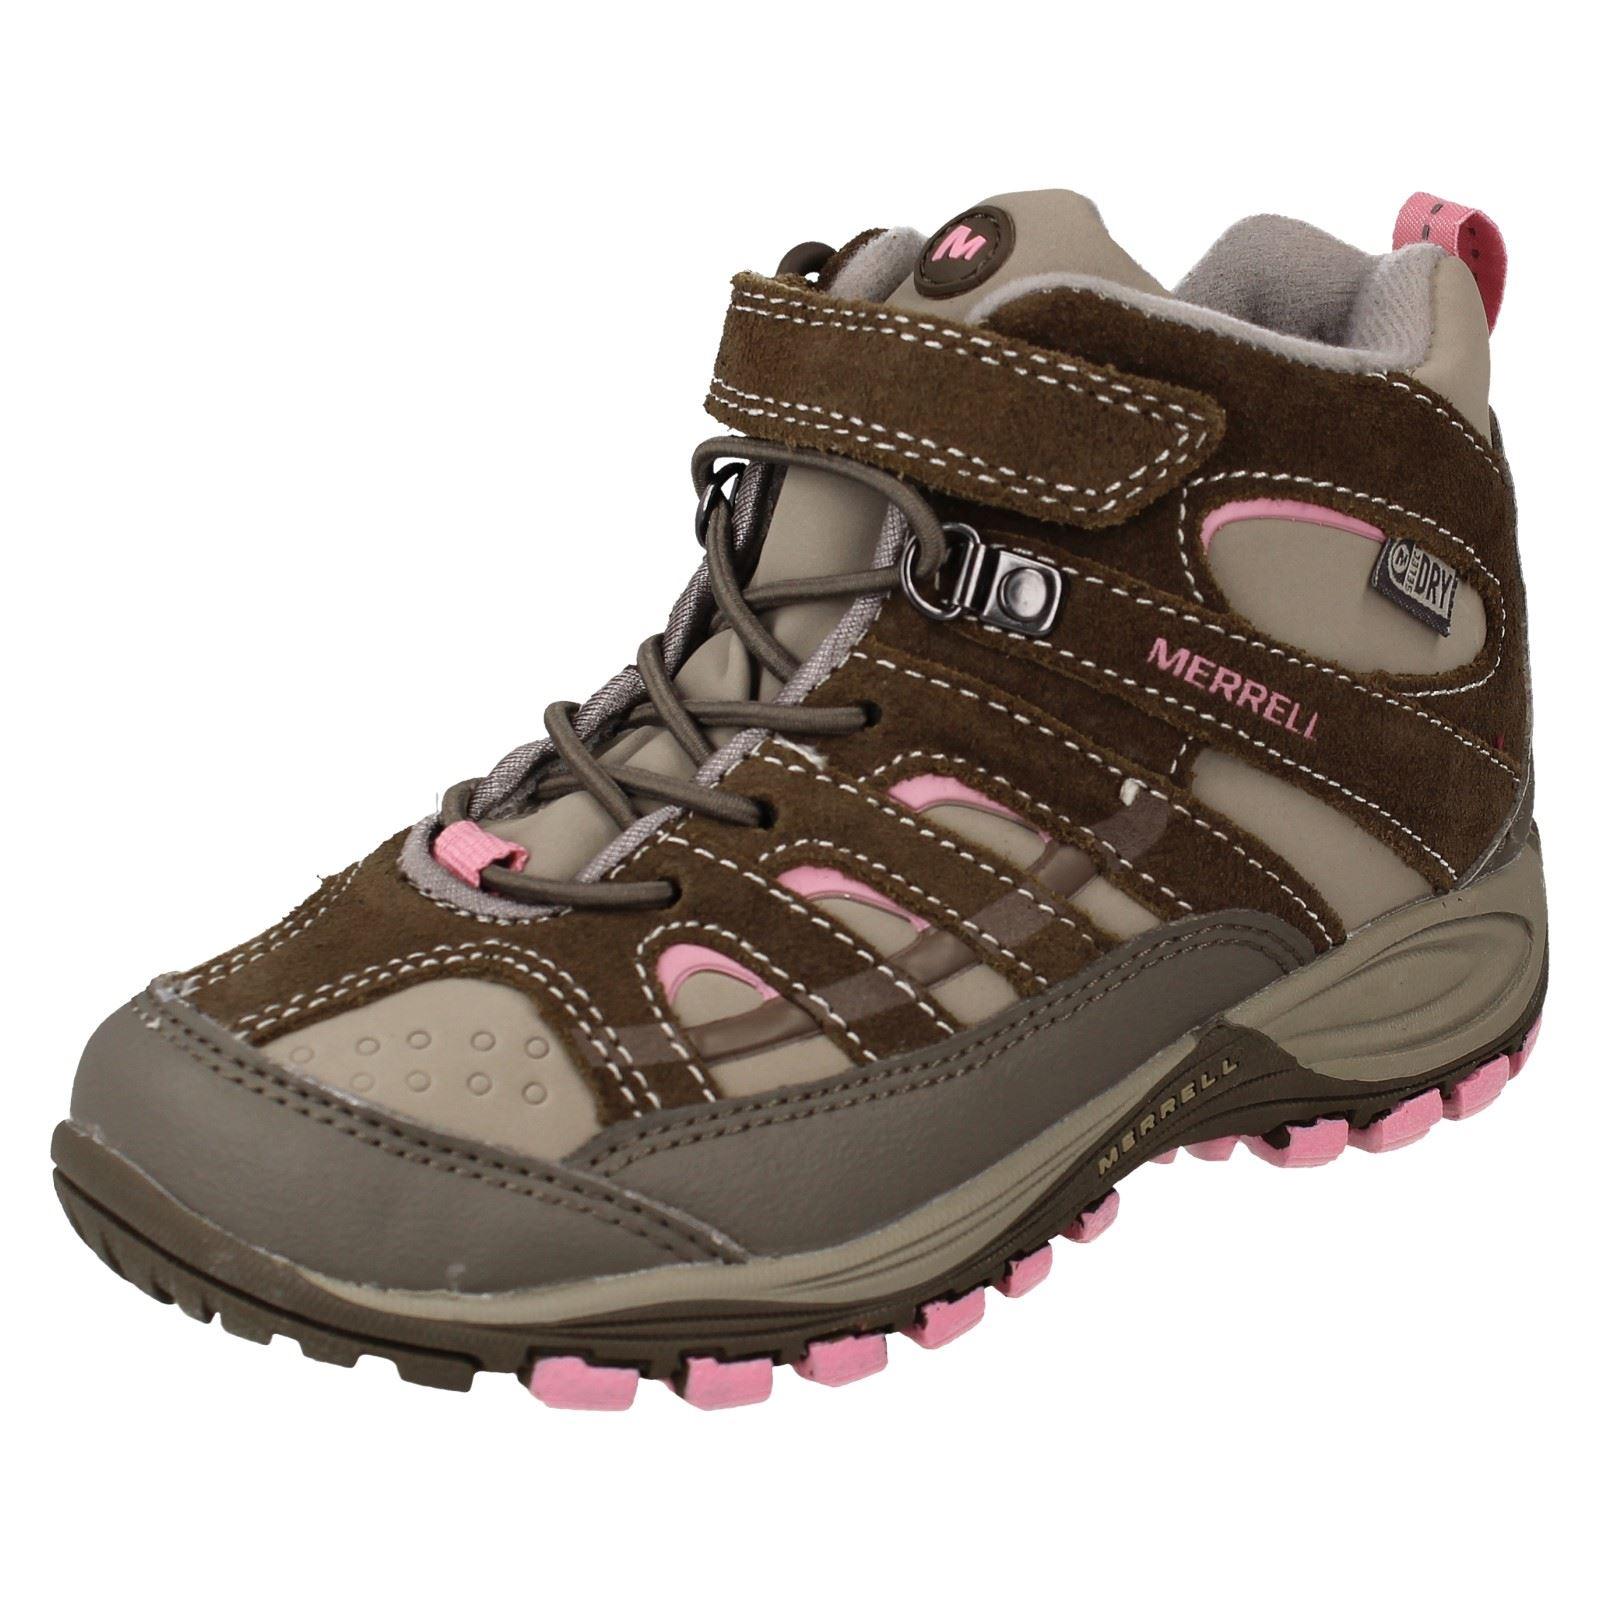 45d1c5732e Girls Merrell Hiking Boots - Chameleon 4 Mid Trek Wtpf   eBay